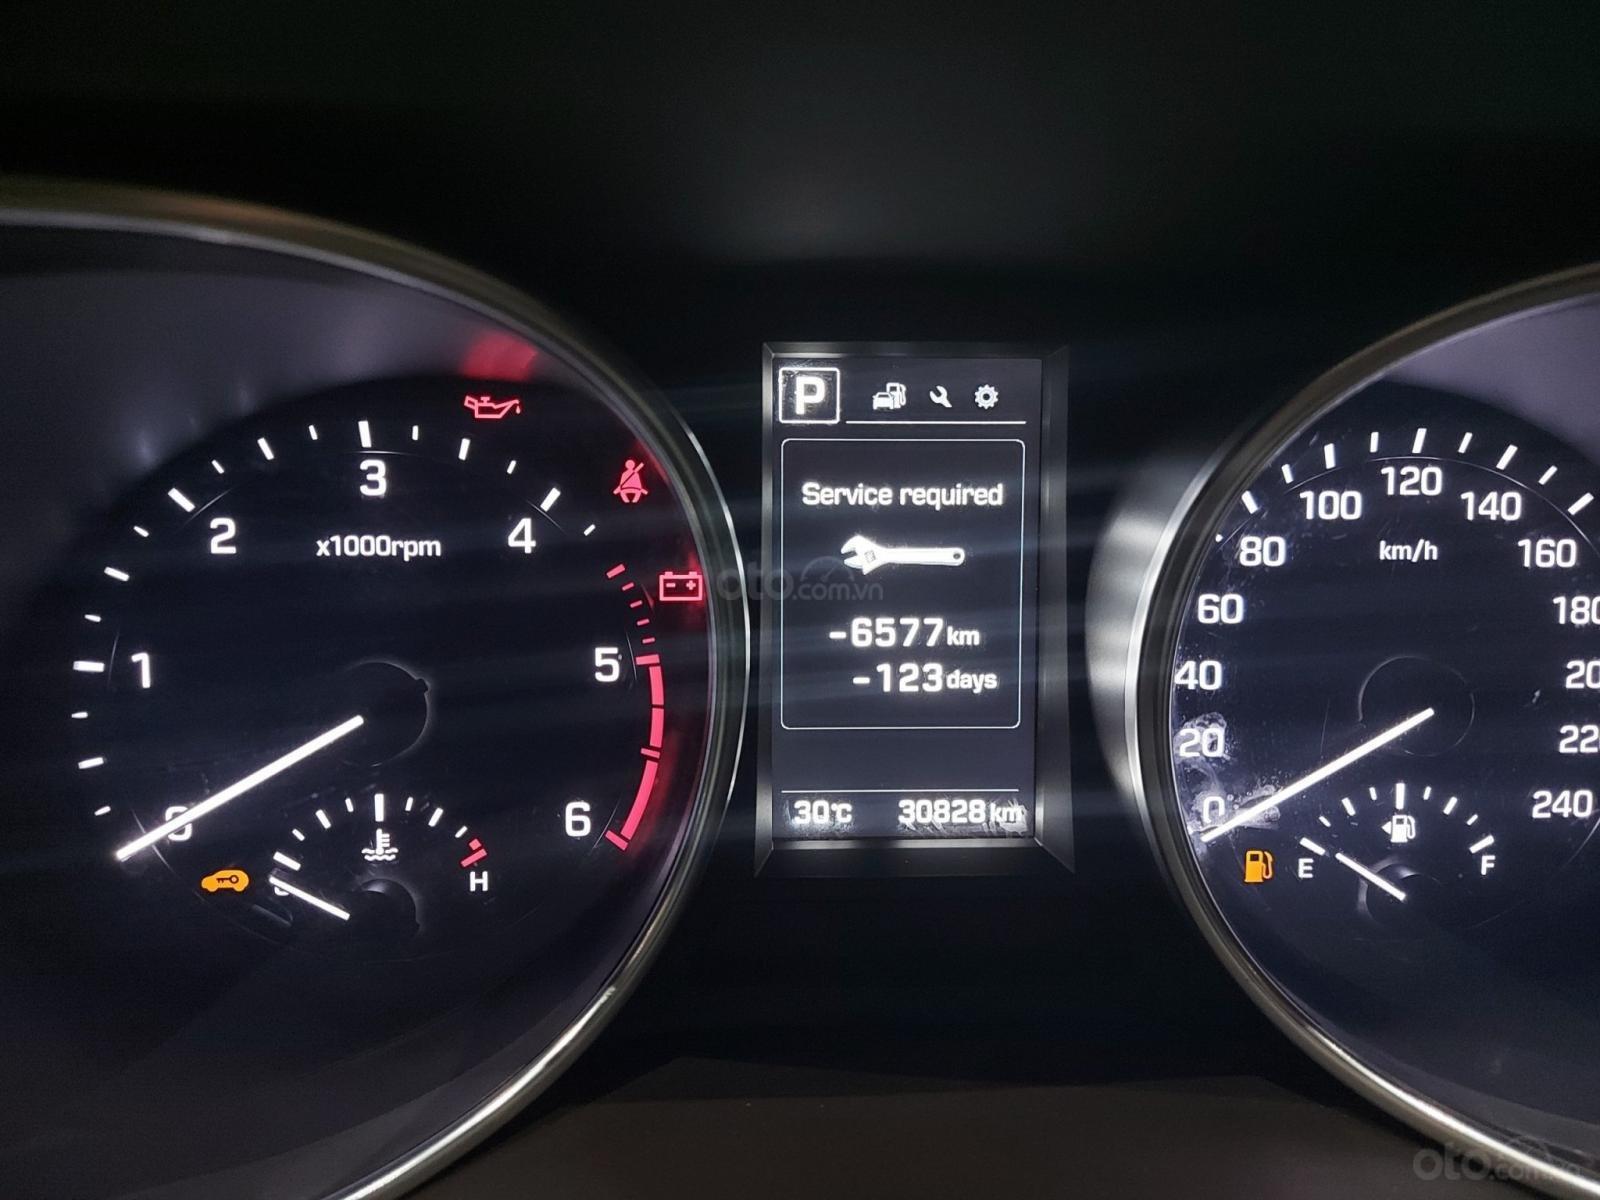 Bán Hyundai Santa Fe 2.2 AT 2018, máy dầu diesel, biển SG, xe gia đình sử dụng, odo 30.000km, thương lượng khách thiện chí (10)